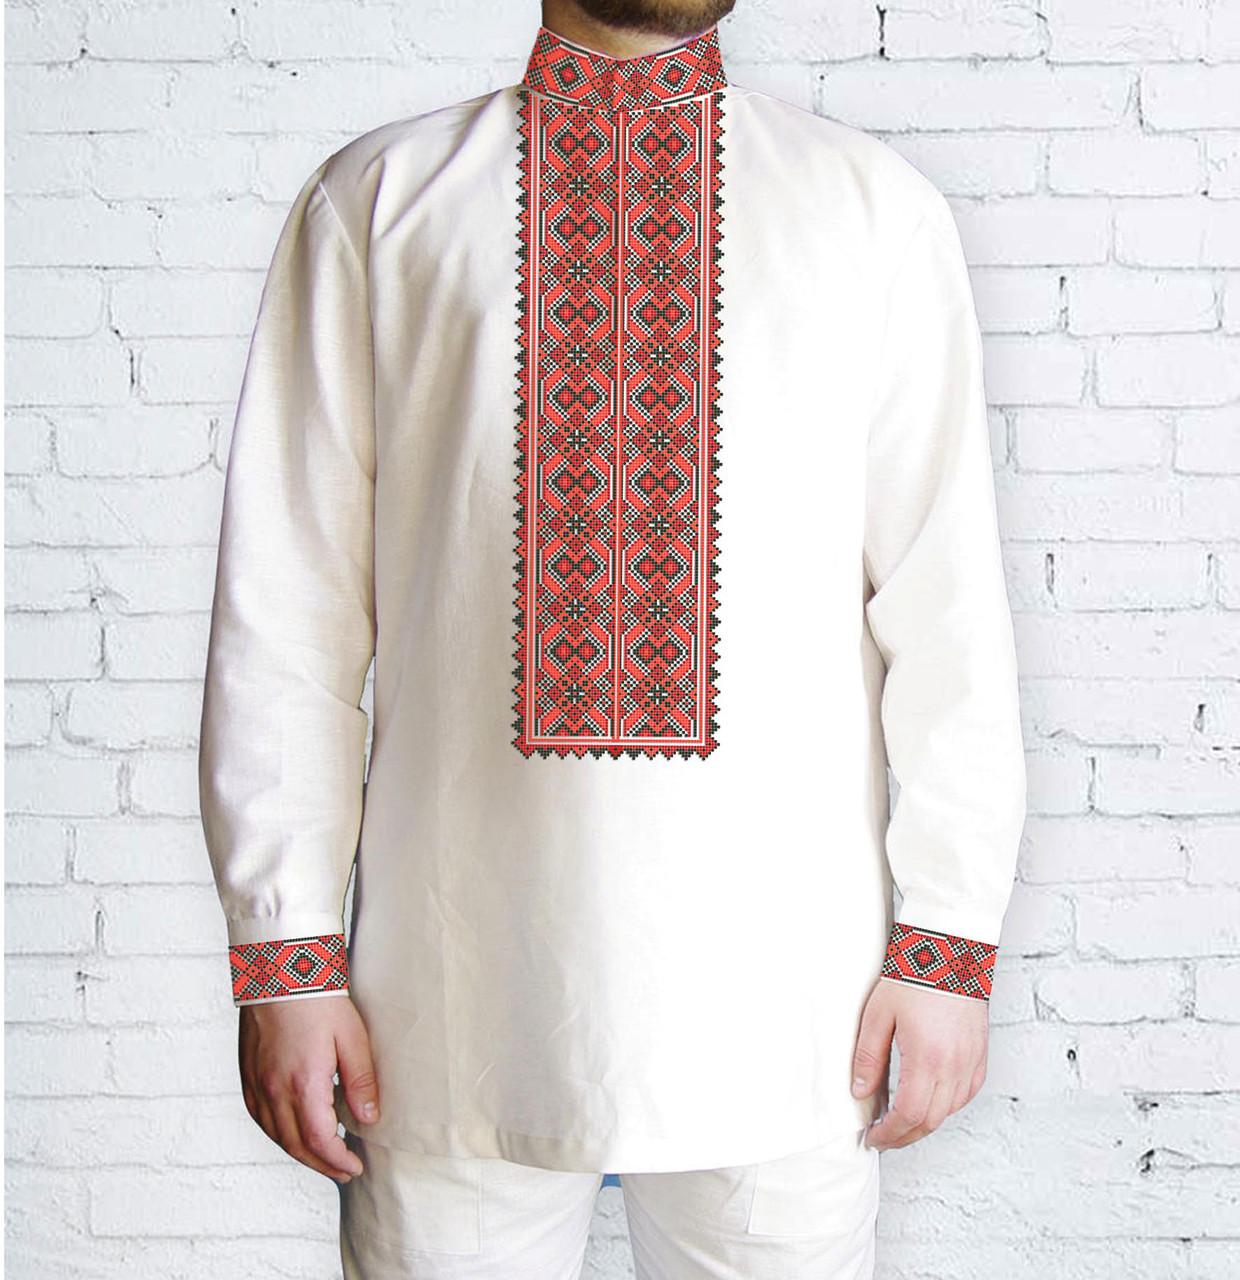 Заготовка чоловічої сорочки та вишиванки для вишивки чи вишивання бісером Бисерок «Орнамент 537 Ч» (Ч-537 Ч  )